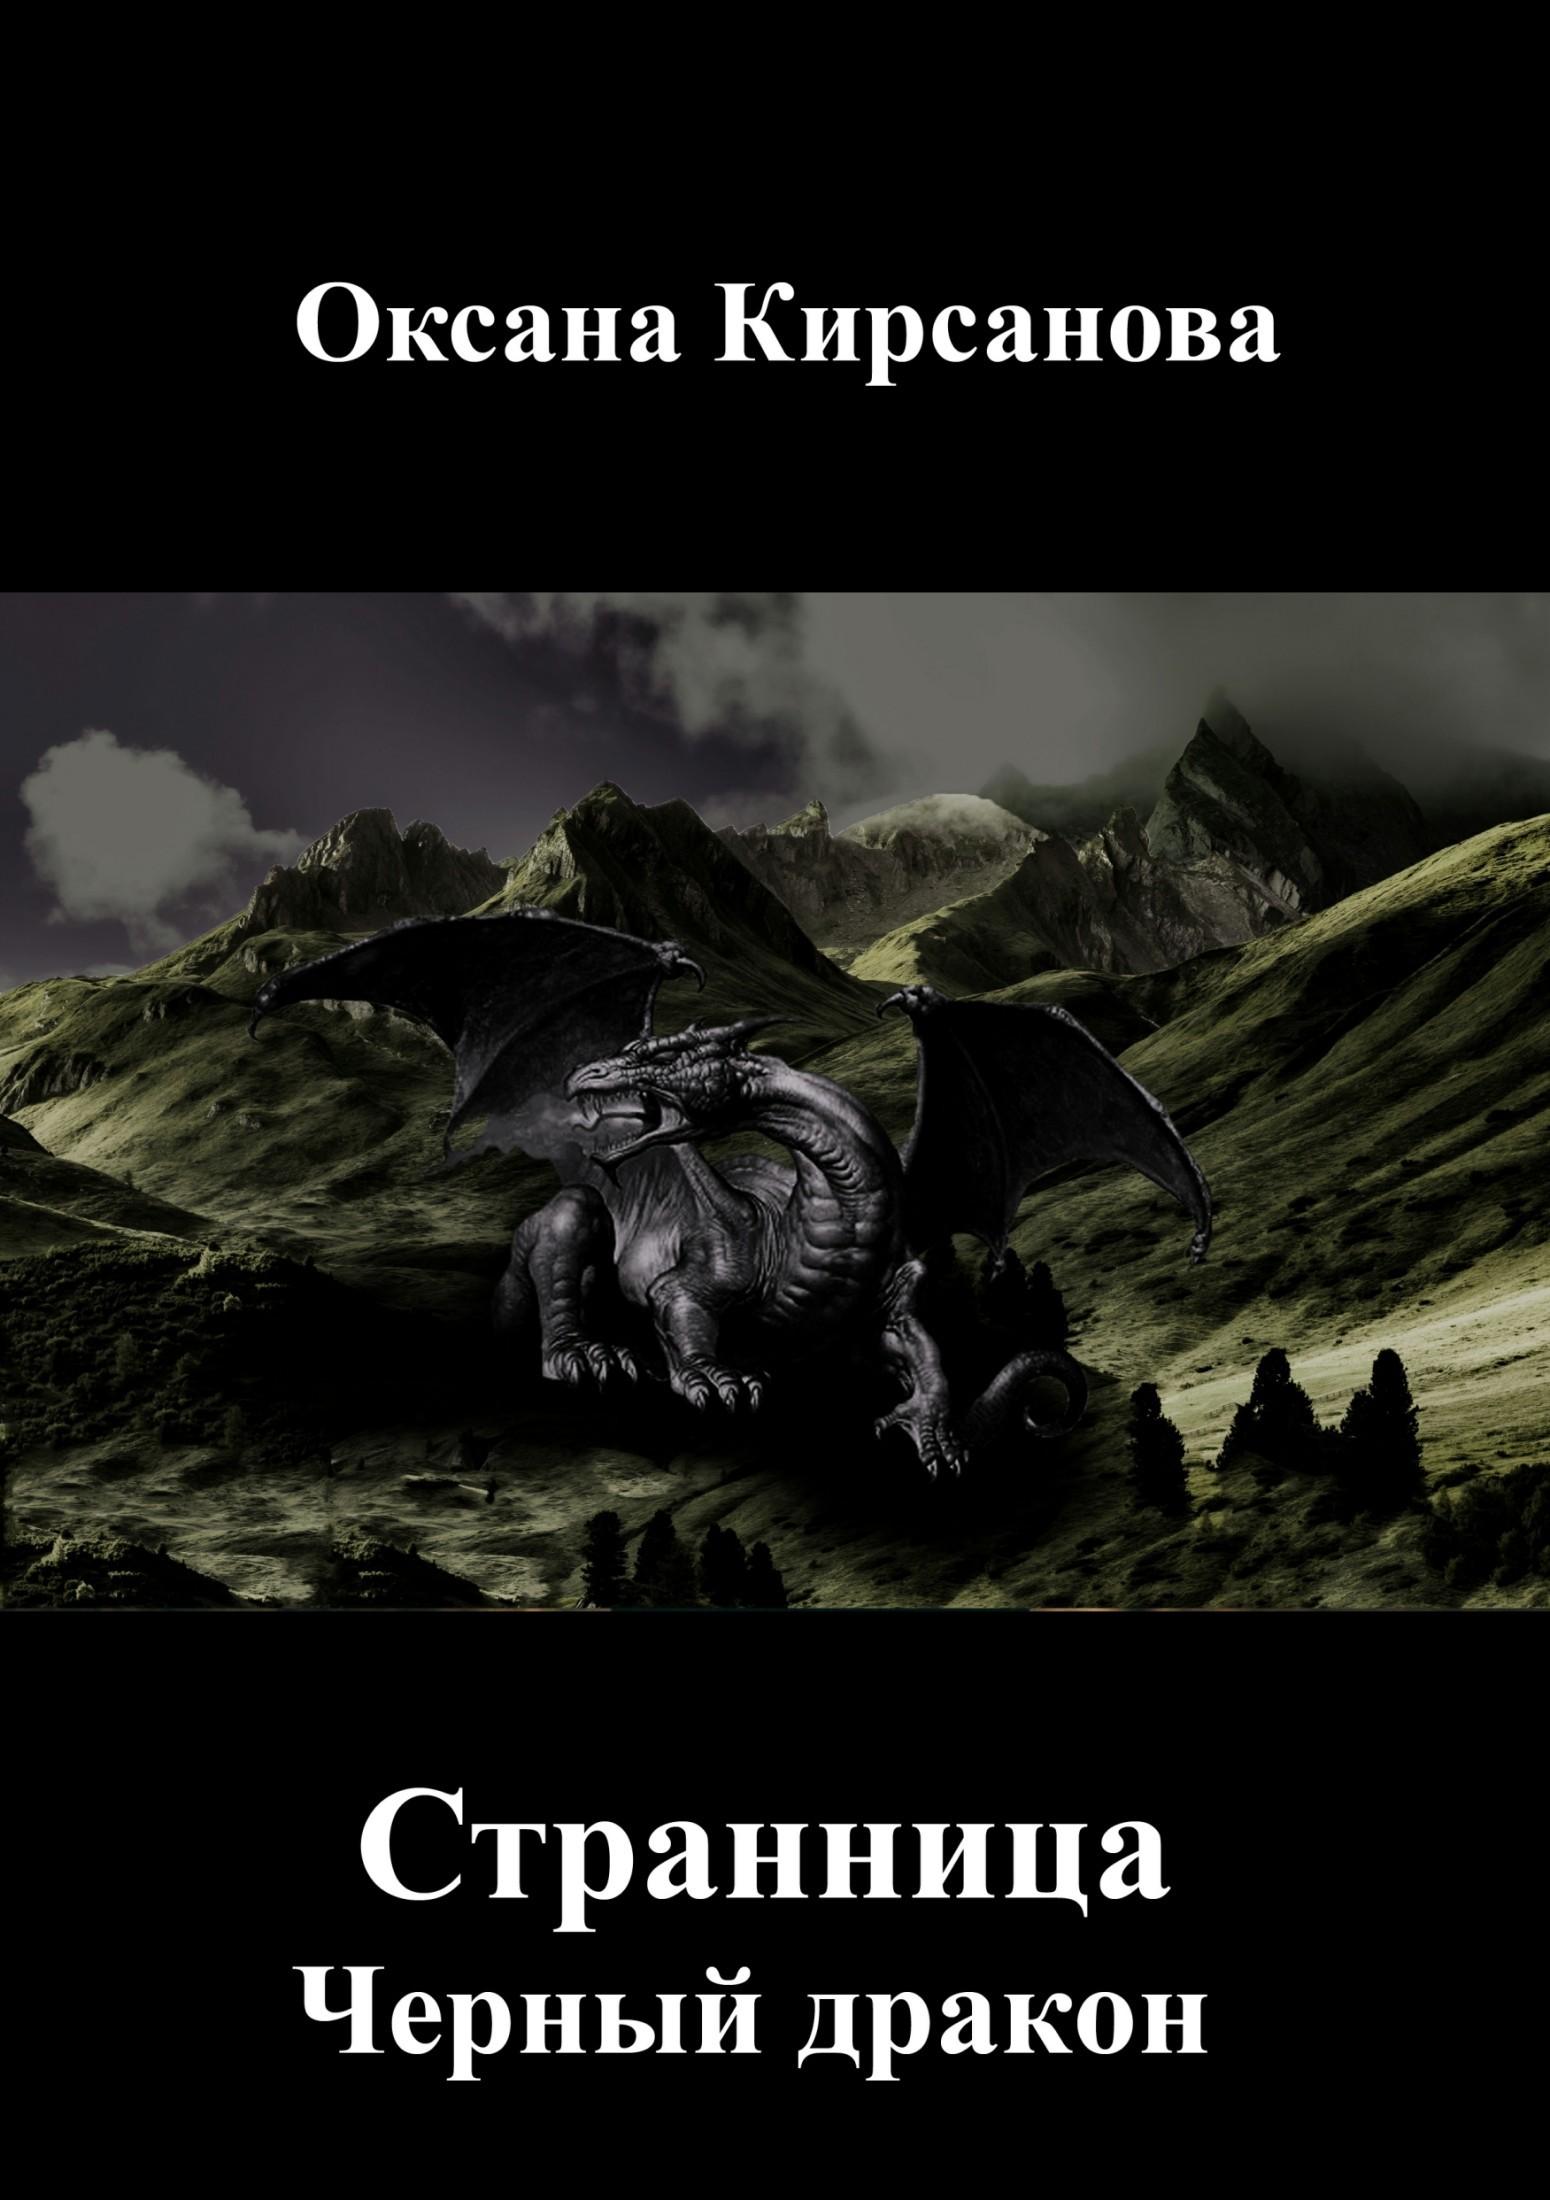 Оксана Владимировна Кирсанова. Странница. Черный дракон